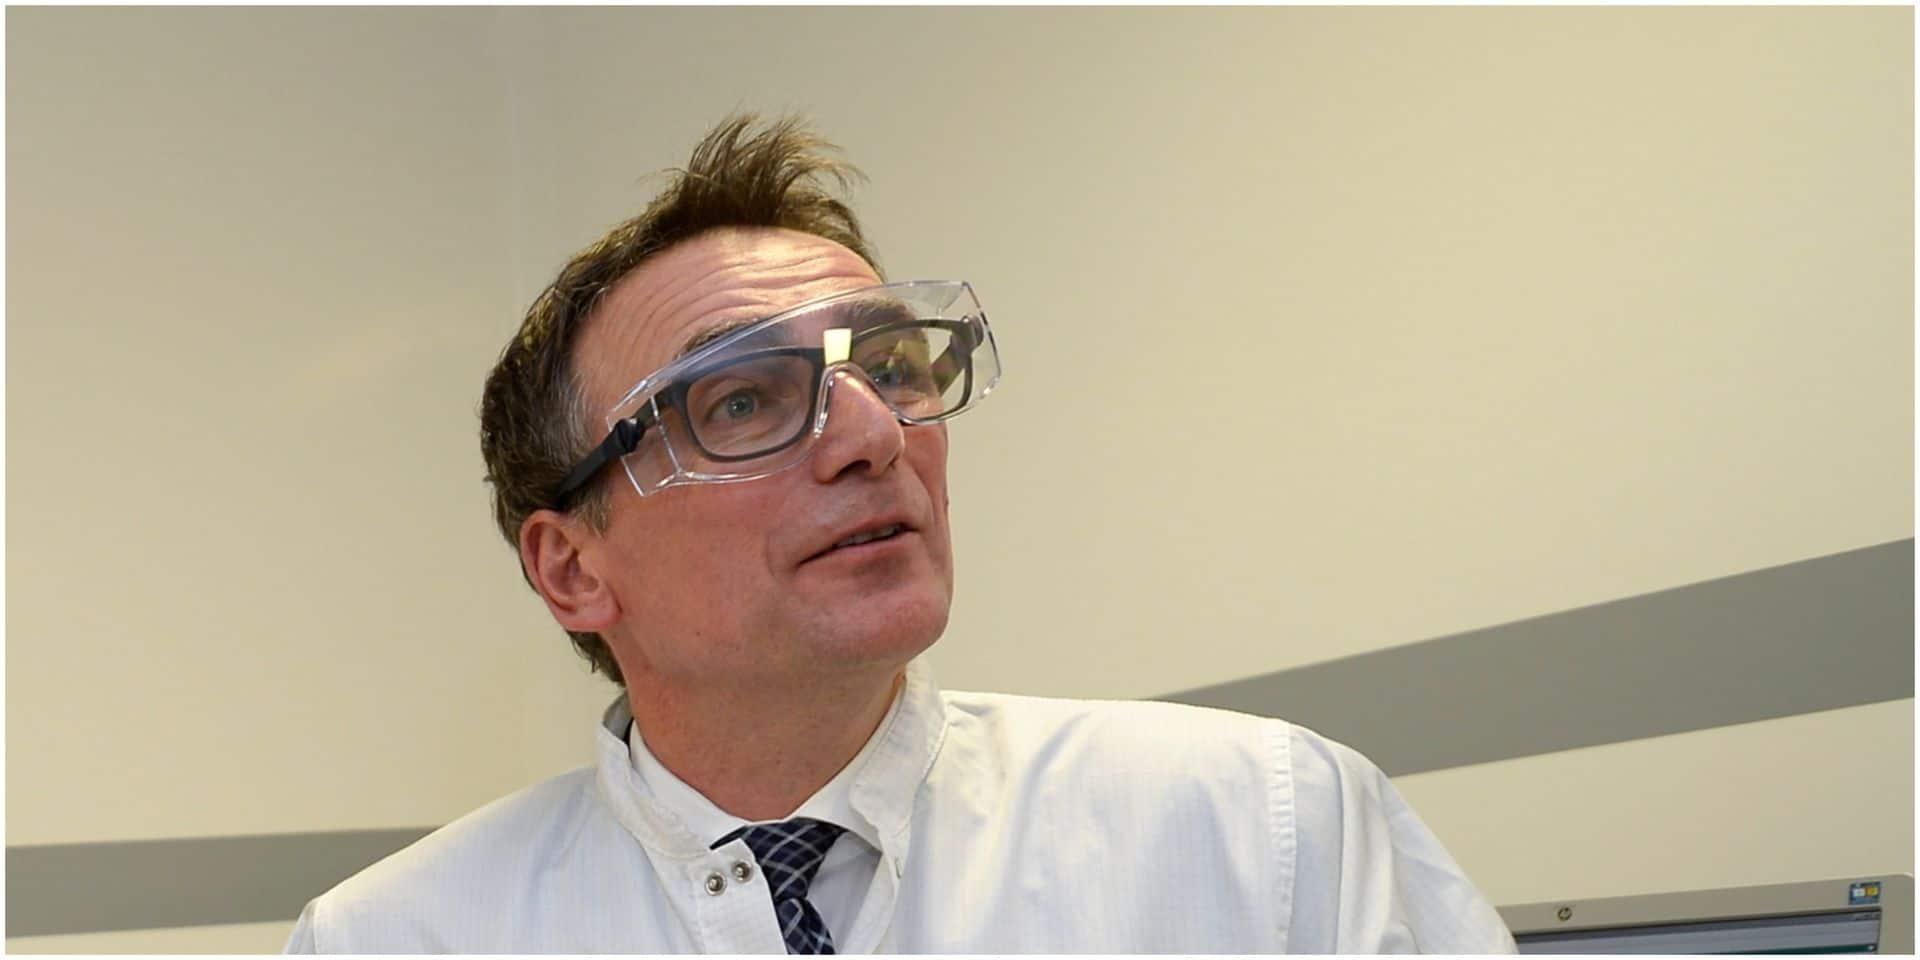 Le Belge Luc Debruyne (ex-GSK) proposé comme conseiller spécial auprès de la Commission européenne